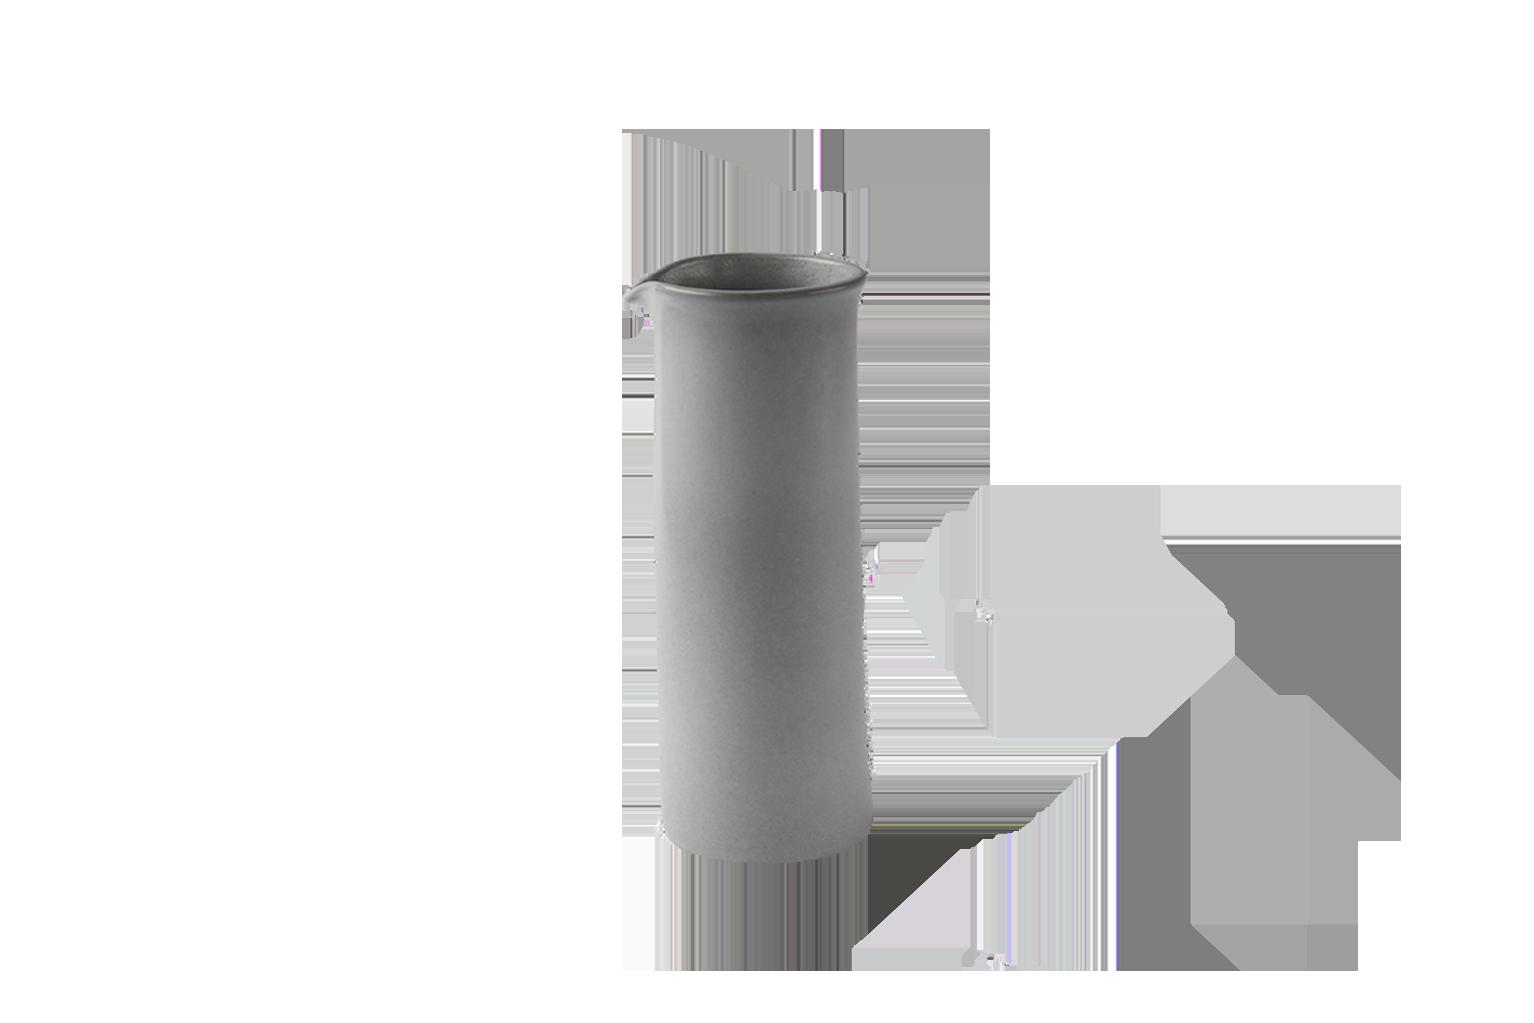 Minimalist Ceramic Jug - Large - S$60